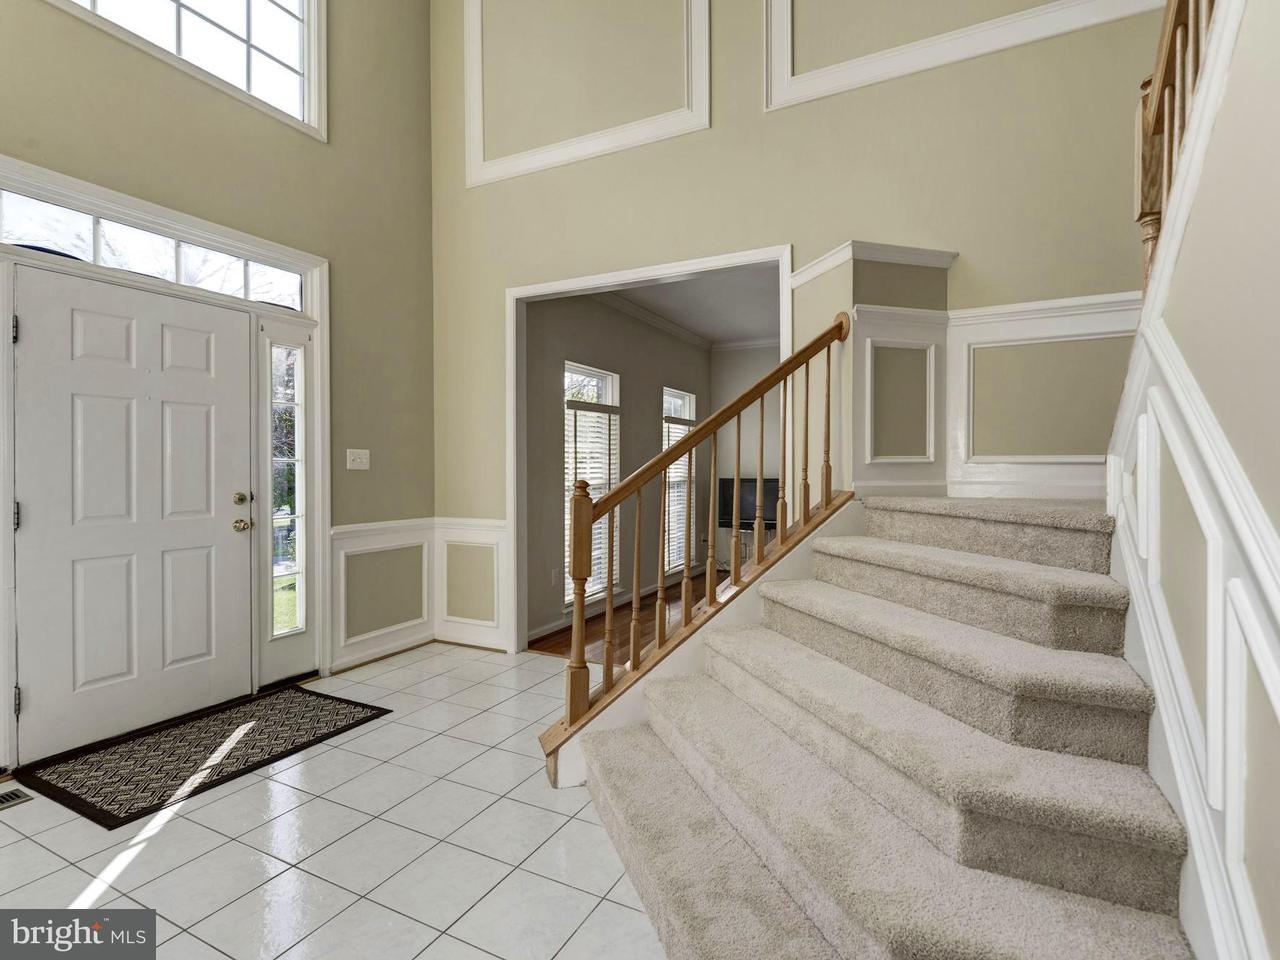 Μονοκατοικία για την Πώληση στο 12608 SHOAL CREEK TER 12608 SHOAL CREEK TER Beltsville, Μεριλαντ 20705 Ηνωμενεσ Πολιτειεσ